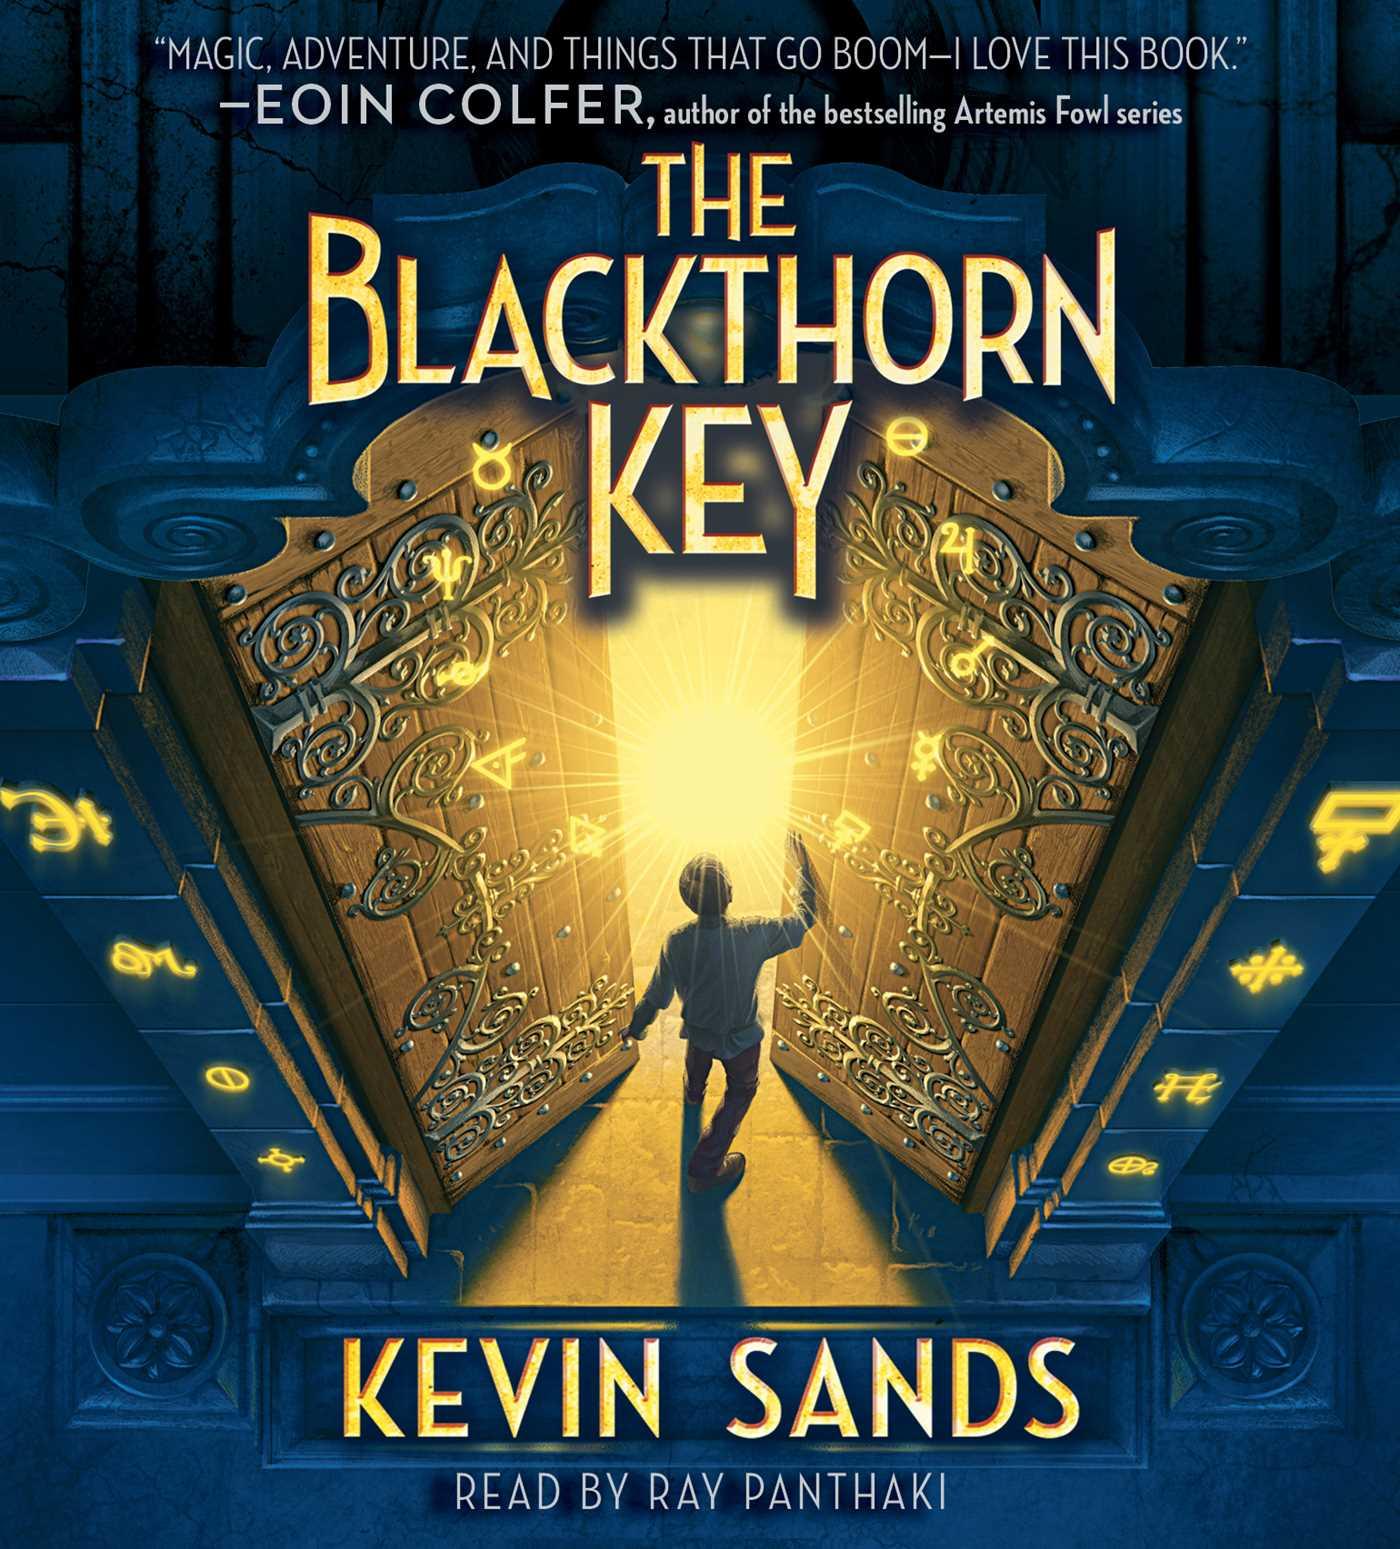 Blackthorn key 9781442388536 hr